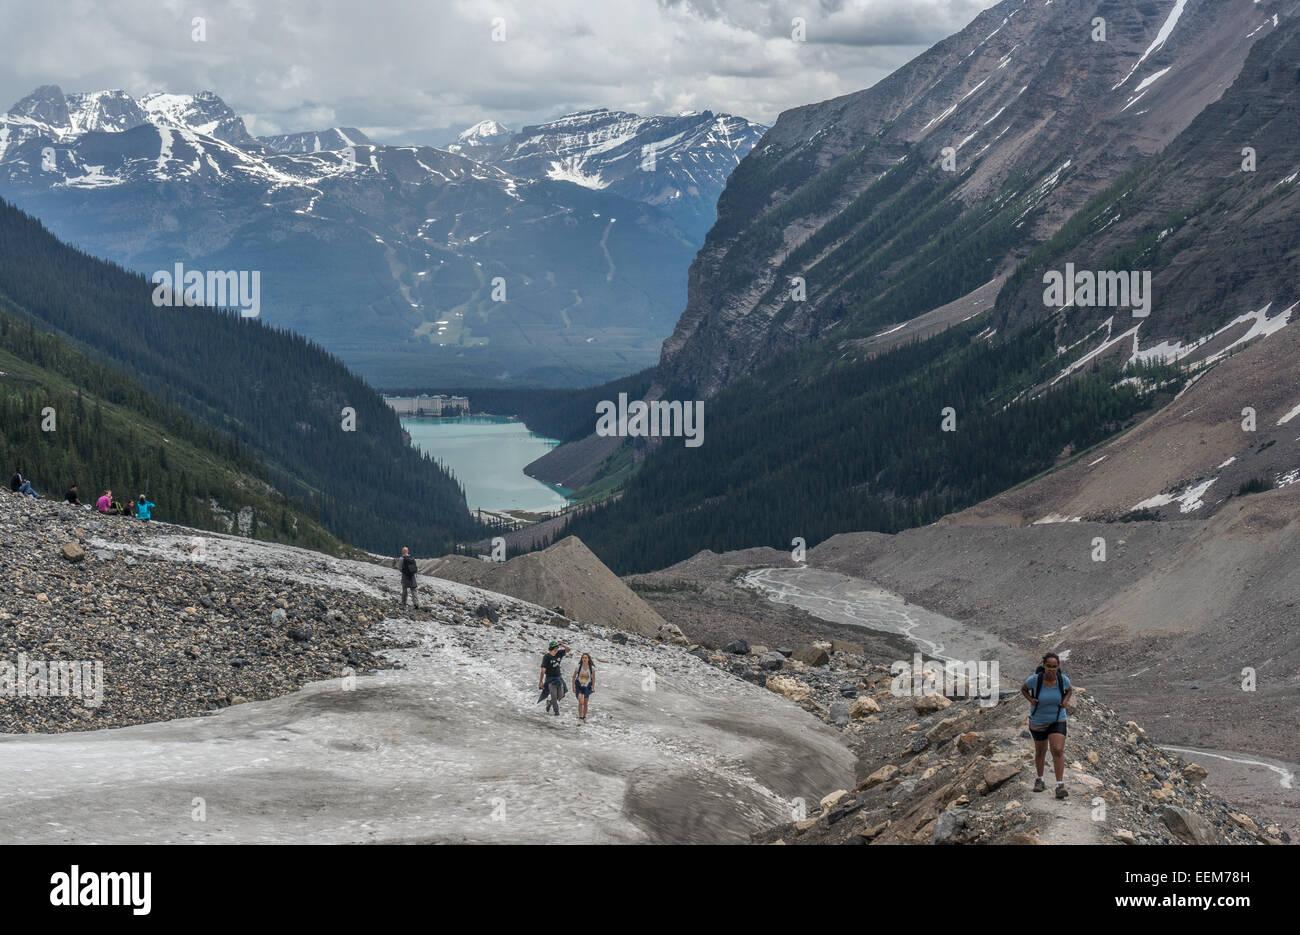 Canadá, Alberta, el Parque Nacional Banff, Canadian Rockies, Excursionistas caminando en el valle Imagen De Stock